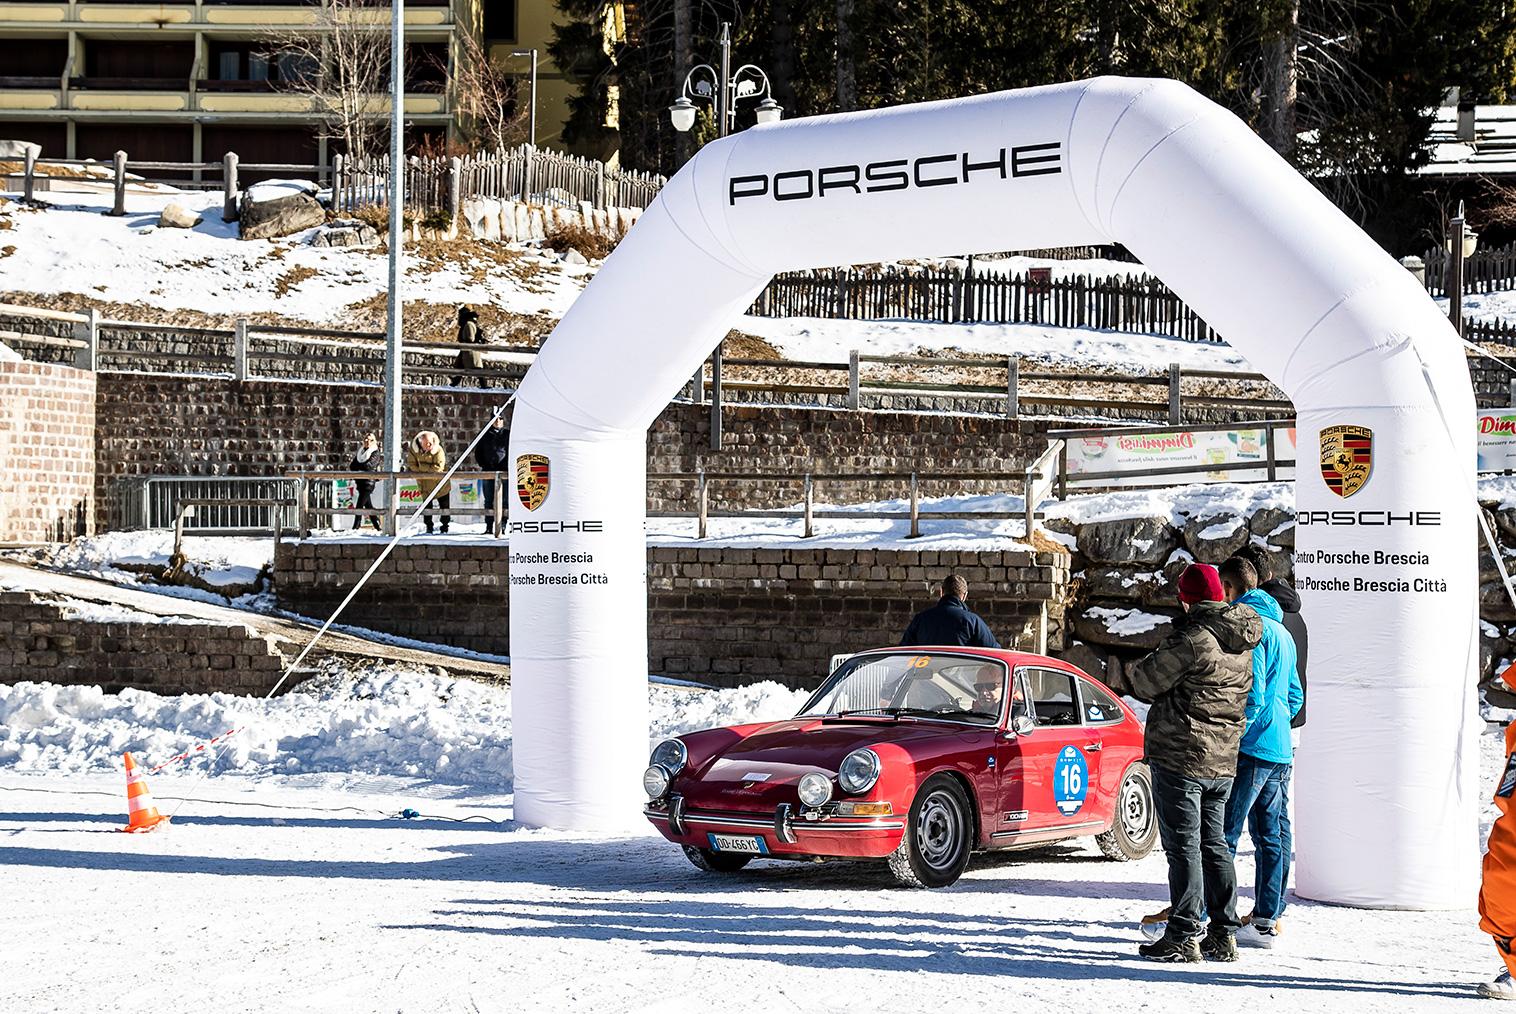 Winter Marathon and Centro Porsche Brescia, a bond that continues on the Dolomites